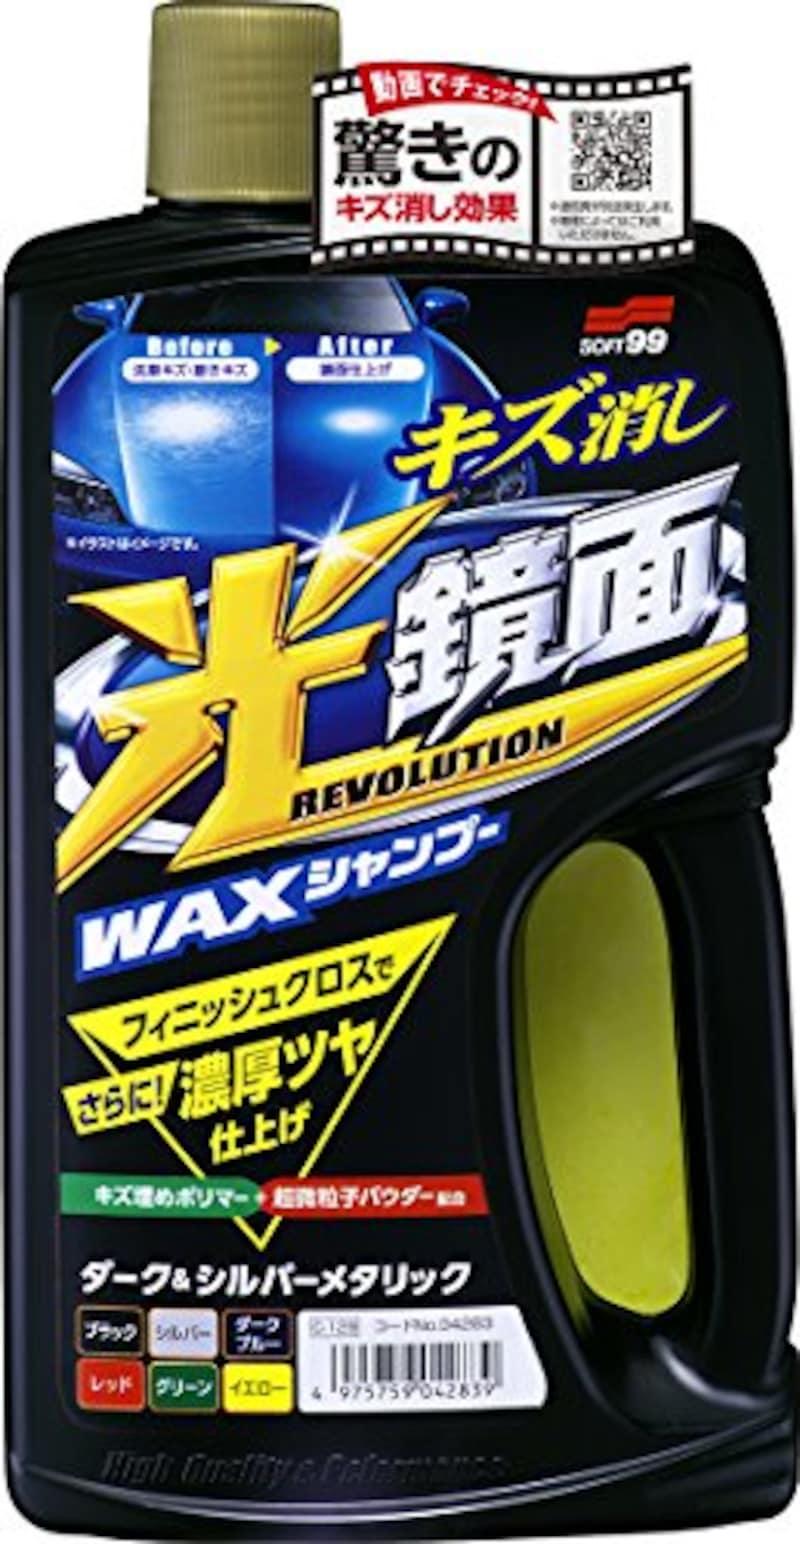 ソフト99(Soft99), 光鏡面WAXシャンプー ダーク&シルバーメタリック用